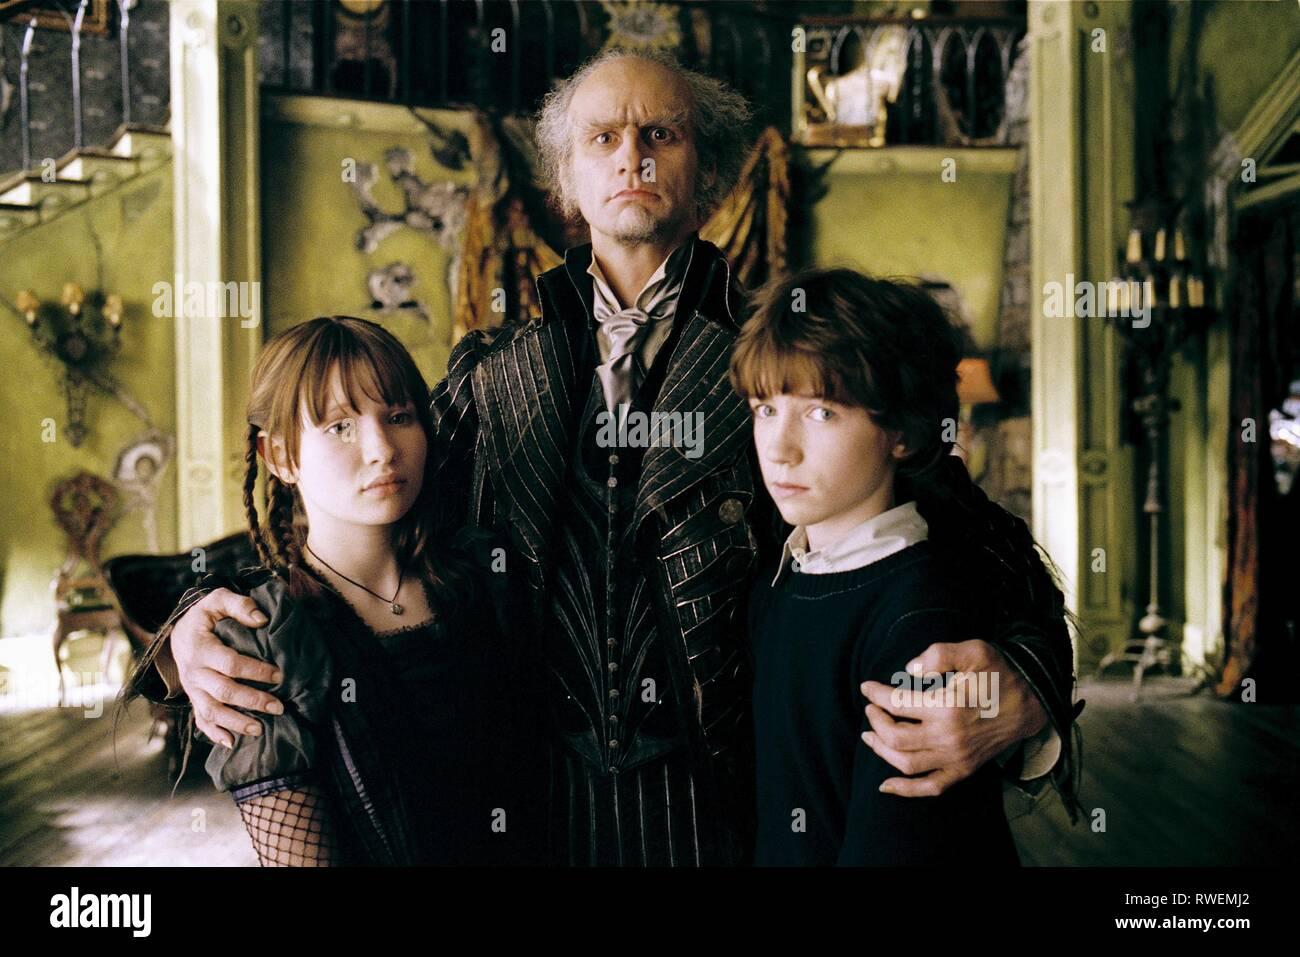 BROWNING, CARREY, Aiken, LEMONY SNICKET IST EINE REIHE VON unglücklichen Ereignissen, 2004 Stockbild